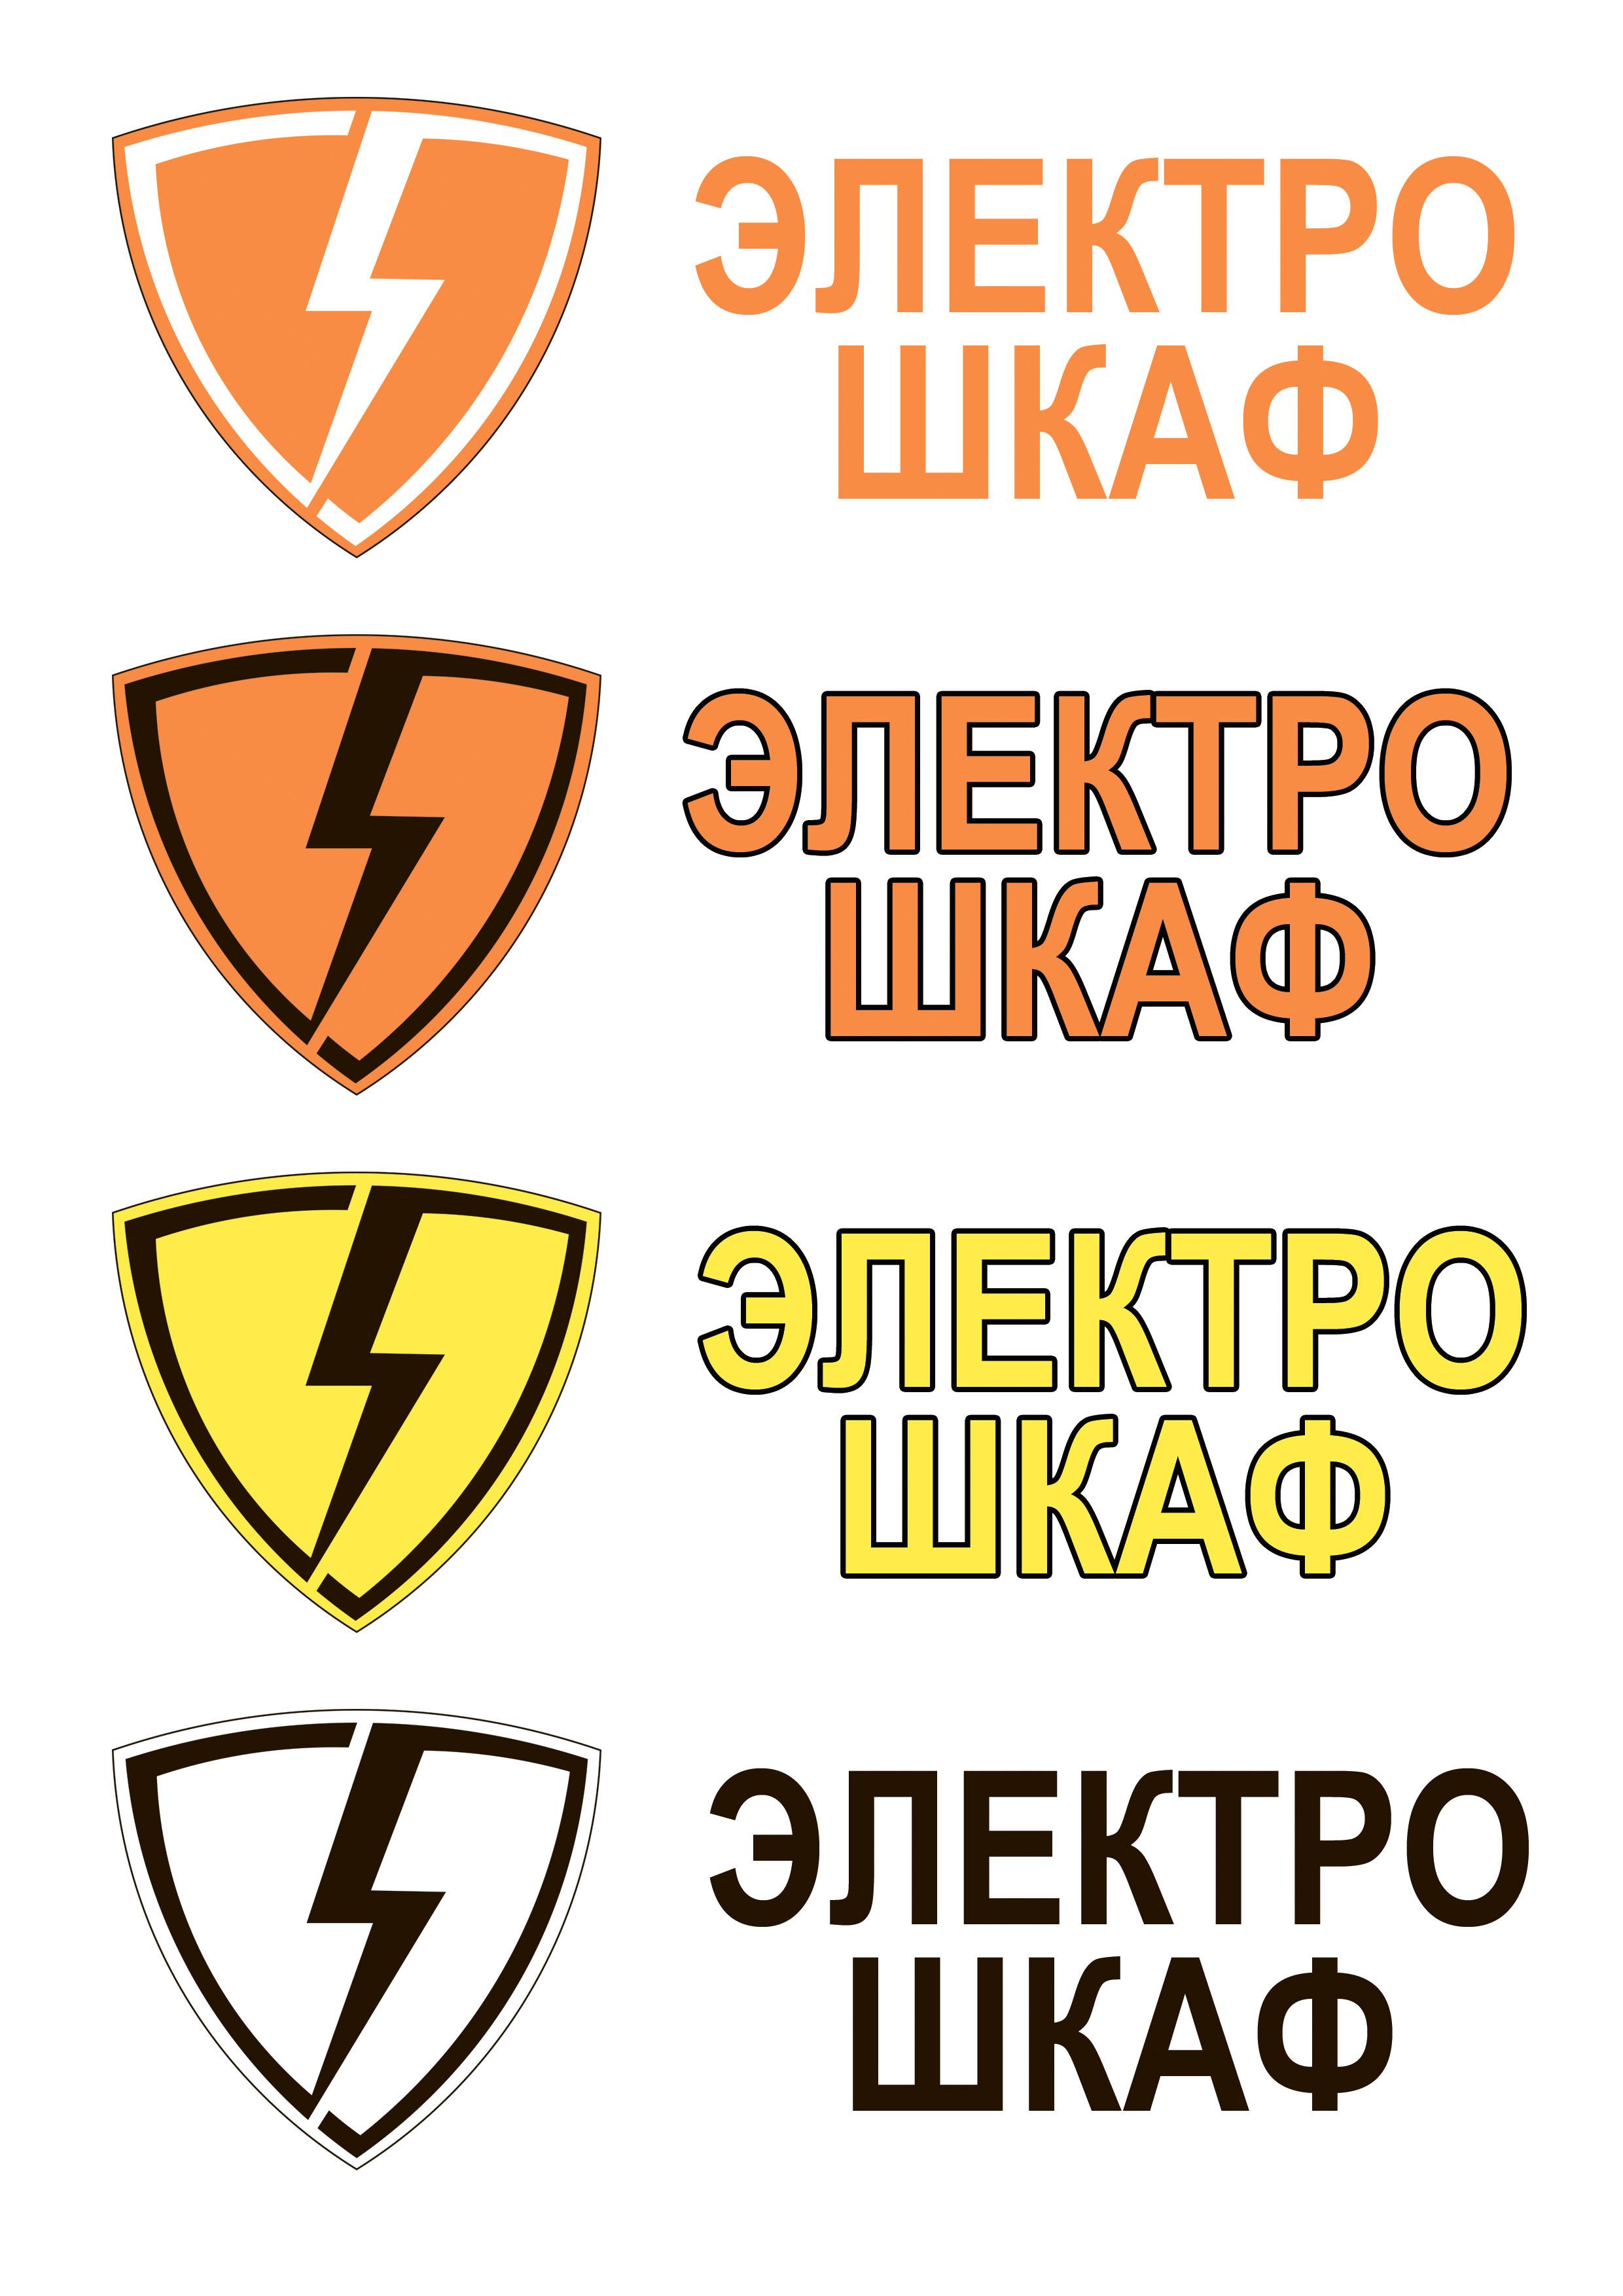 Разработать логотип для завода по производству электрощитов фото f_3685b71da0814865.jpg